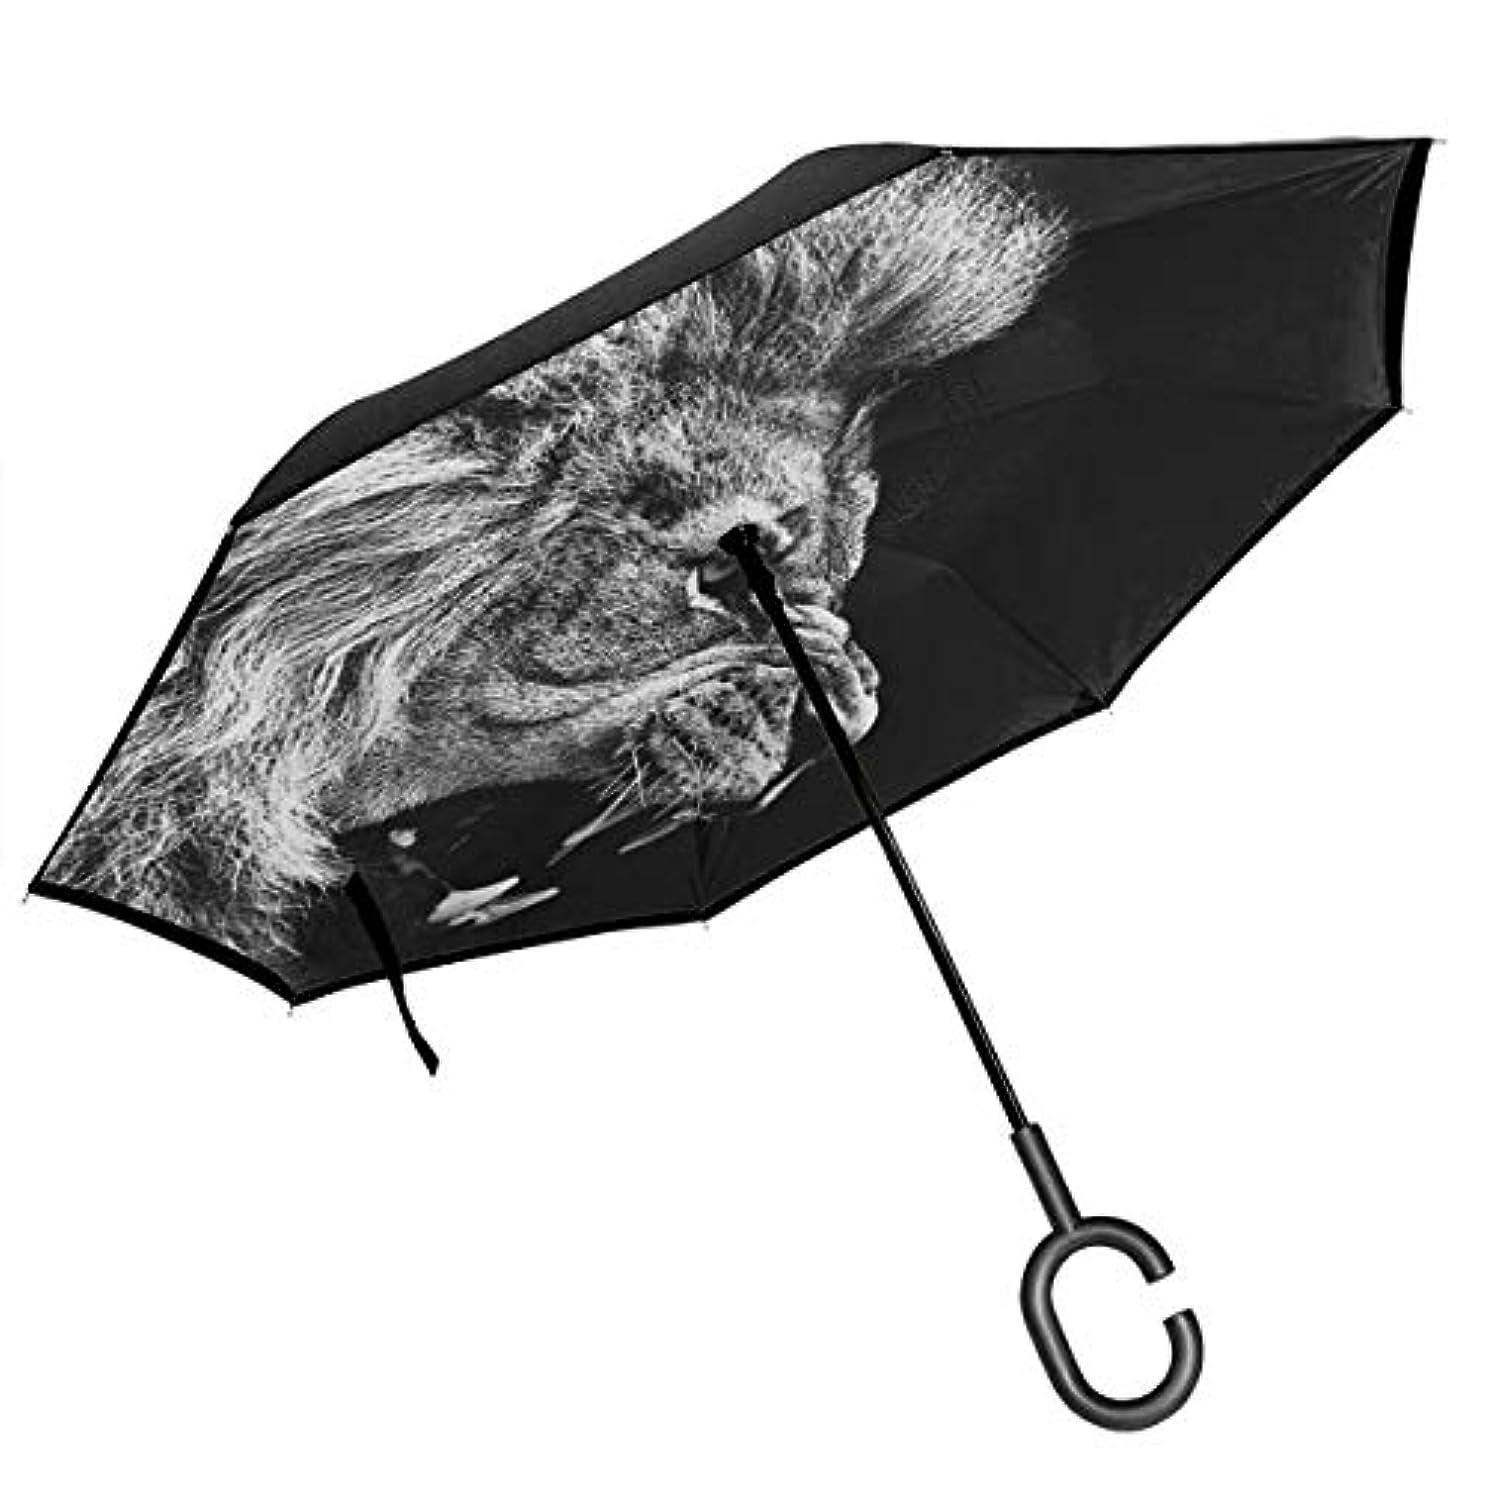 意志に反する重大おとこ逆さ傘 逆折り式傘 車用傘 耐風 撥水 遮光遮熱 大きい 手離れC型手元 梅雨 紫外線対策 晴雨兼用 ビジネス用 車用 UVカット